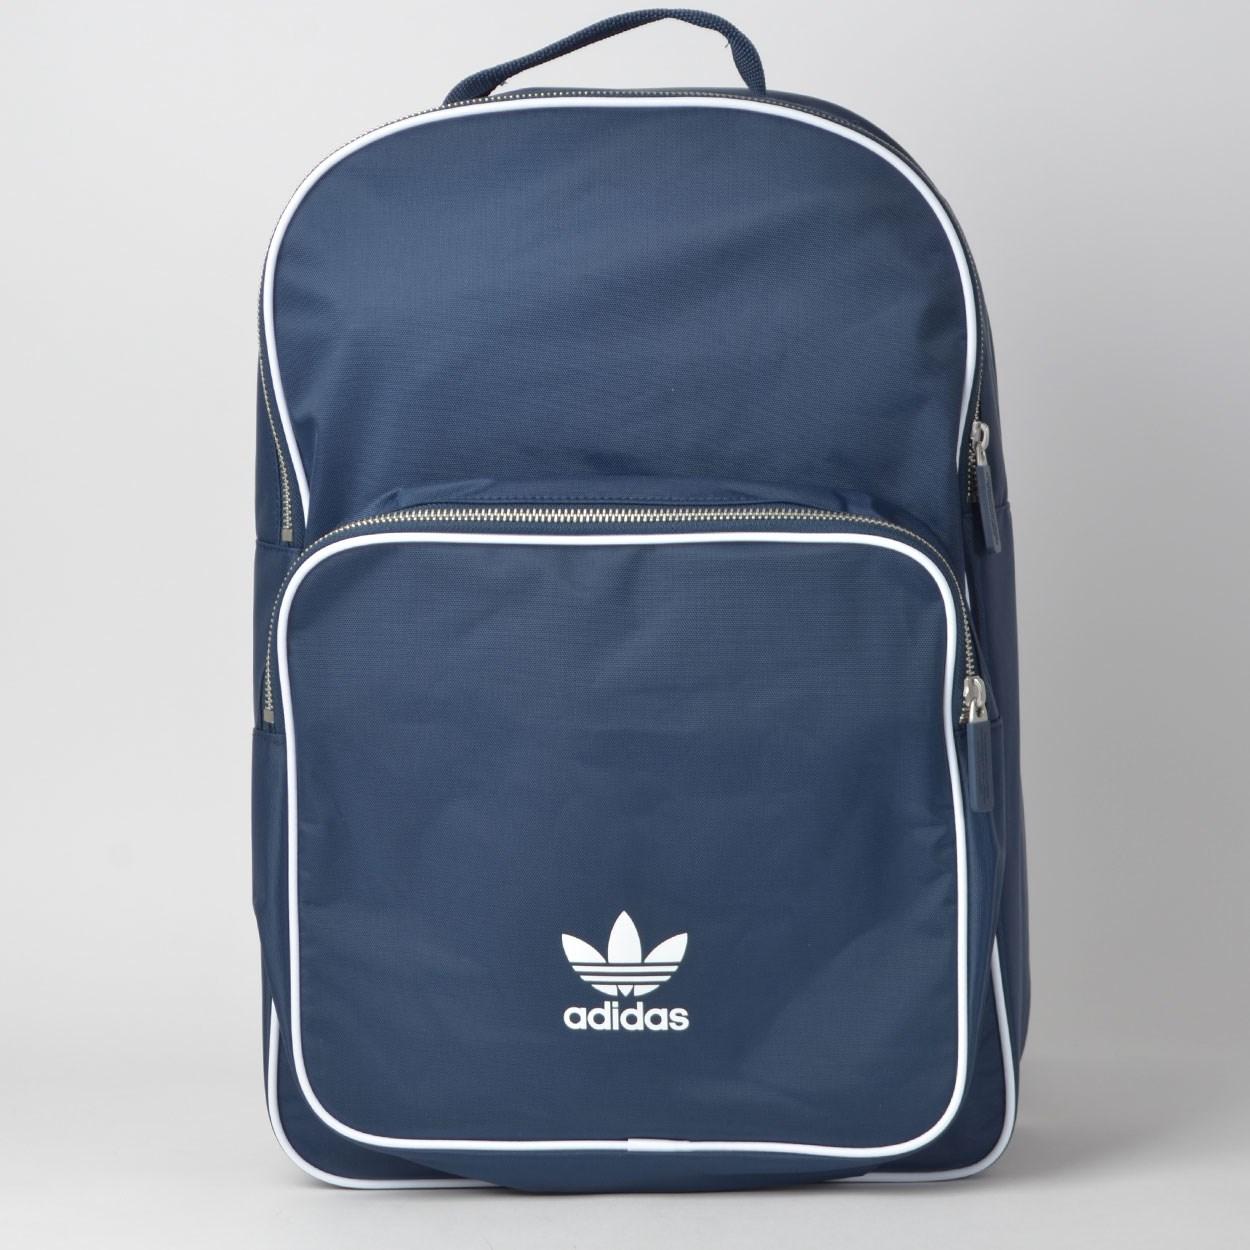 Mochila adidas Originals Adicolor Azul Marinho